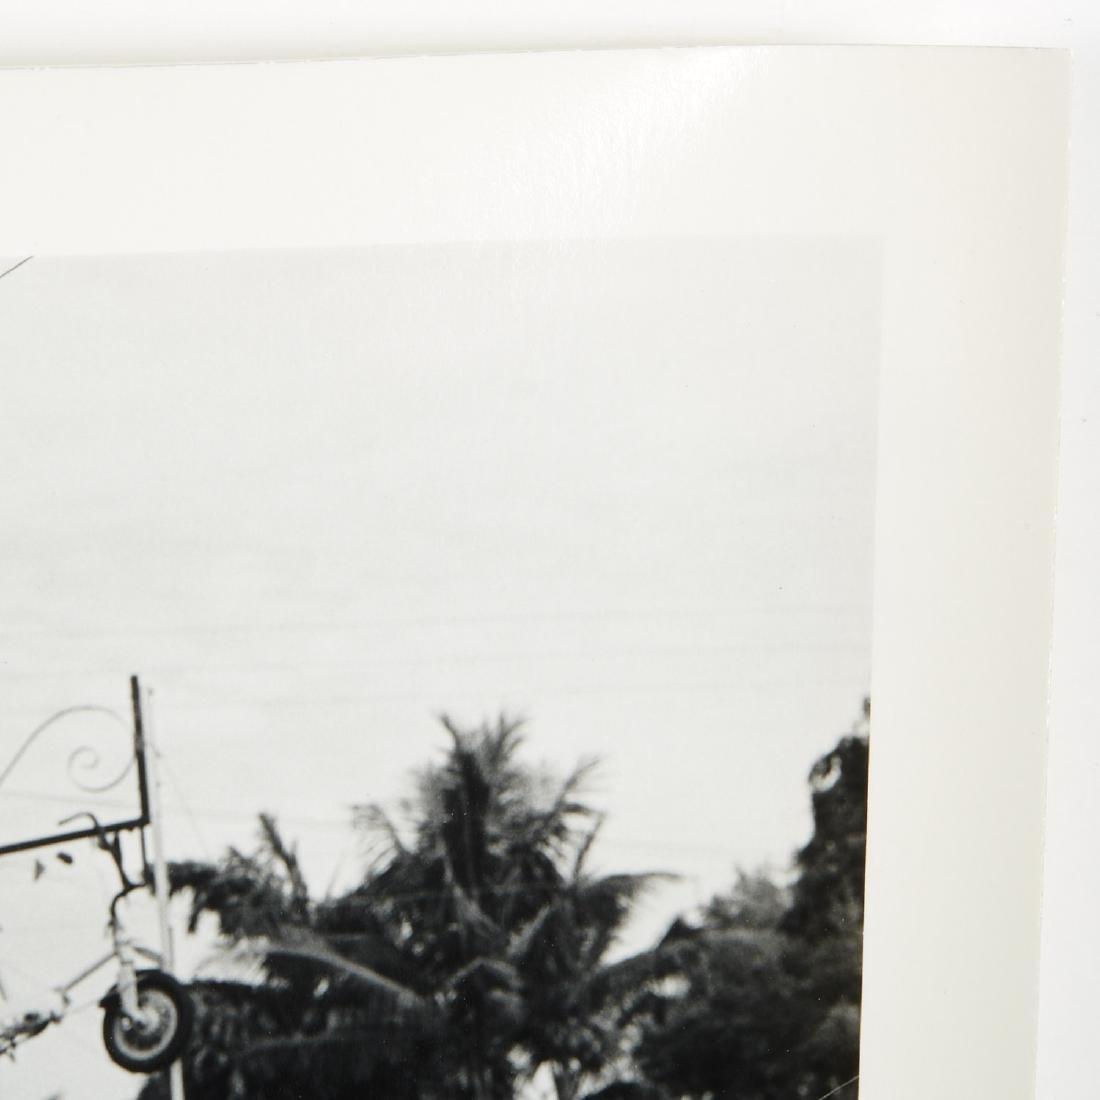 Robert Rauschenberg, photograph - 6